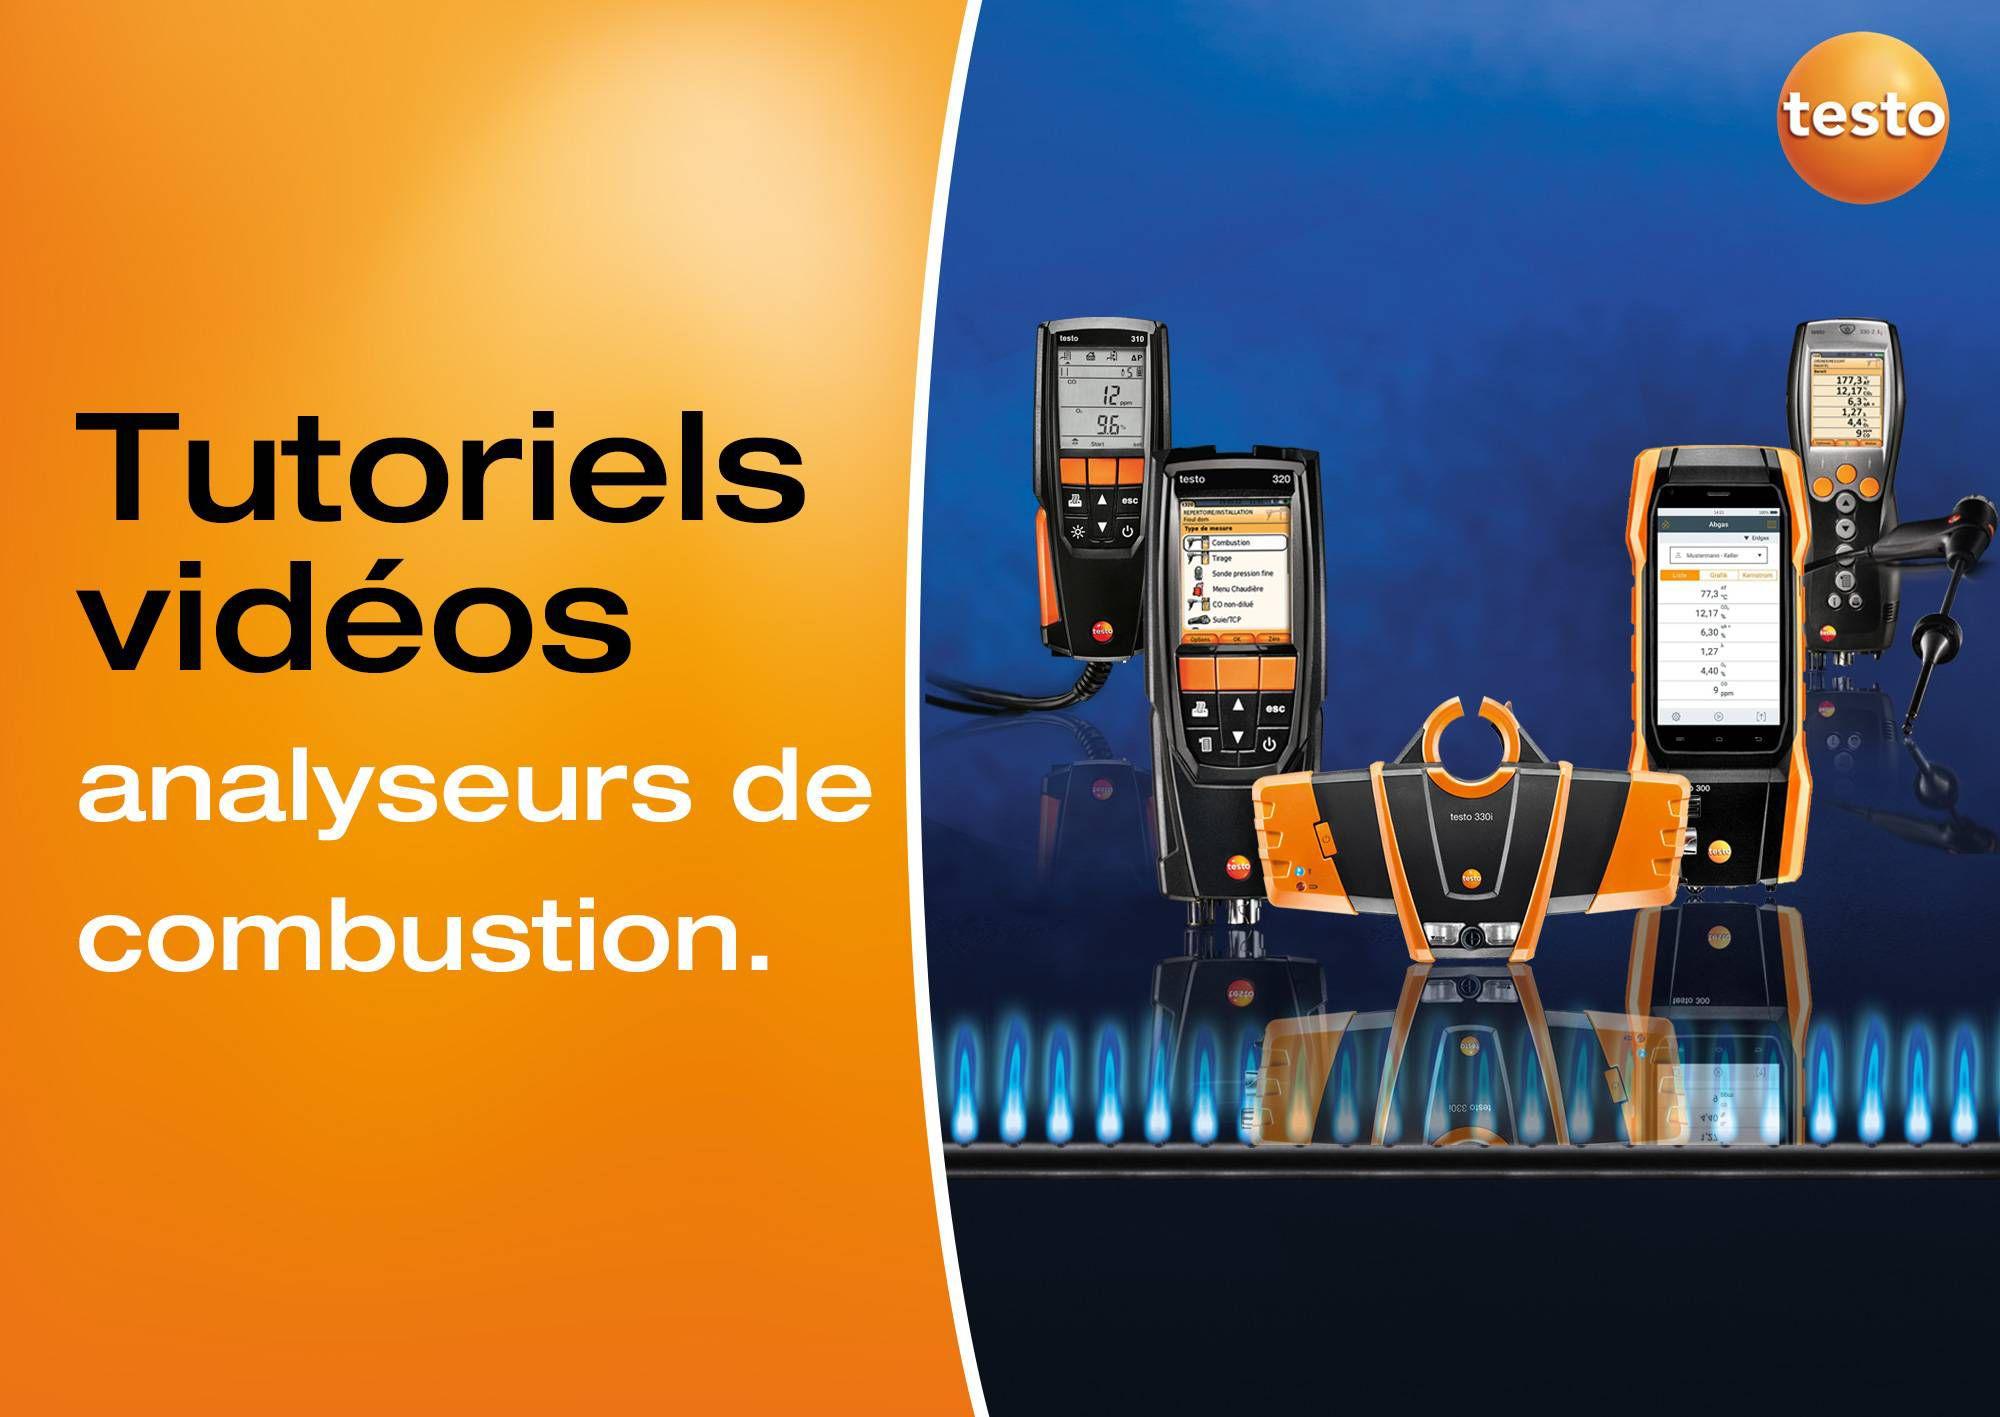 Tutoriels vidéos analyseurs de combustion testo